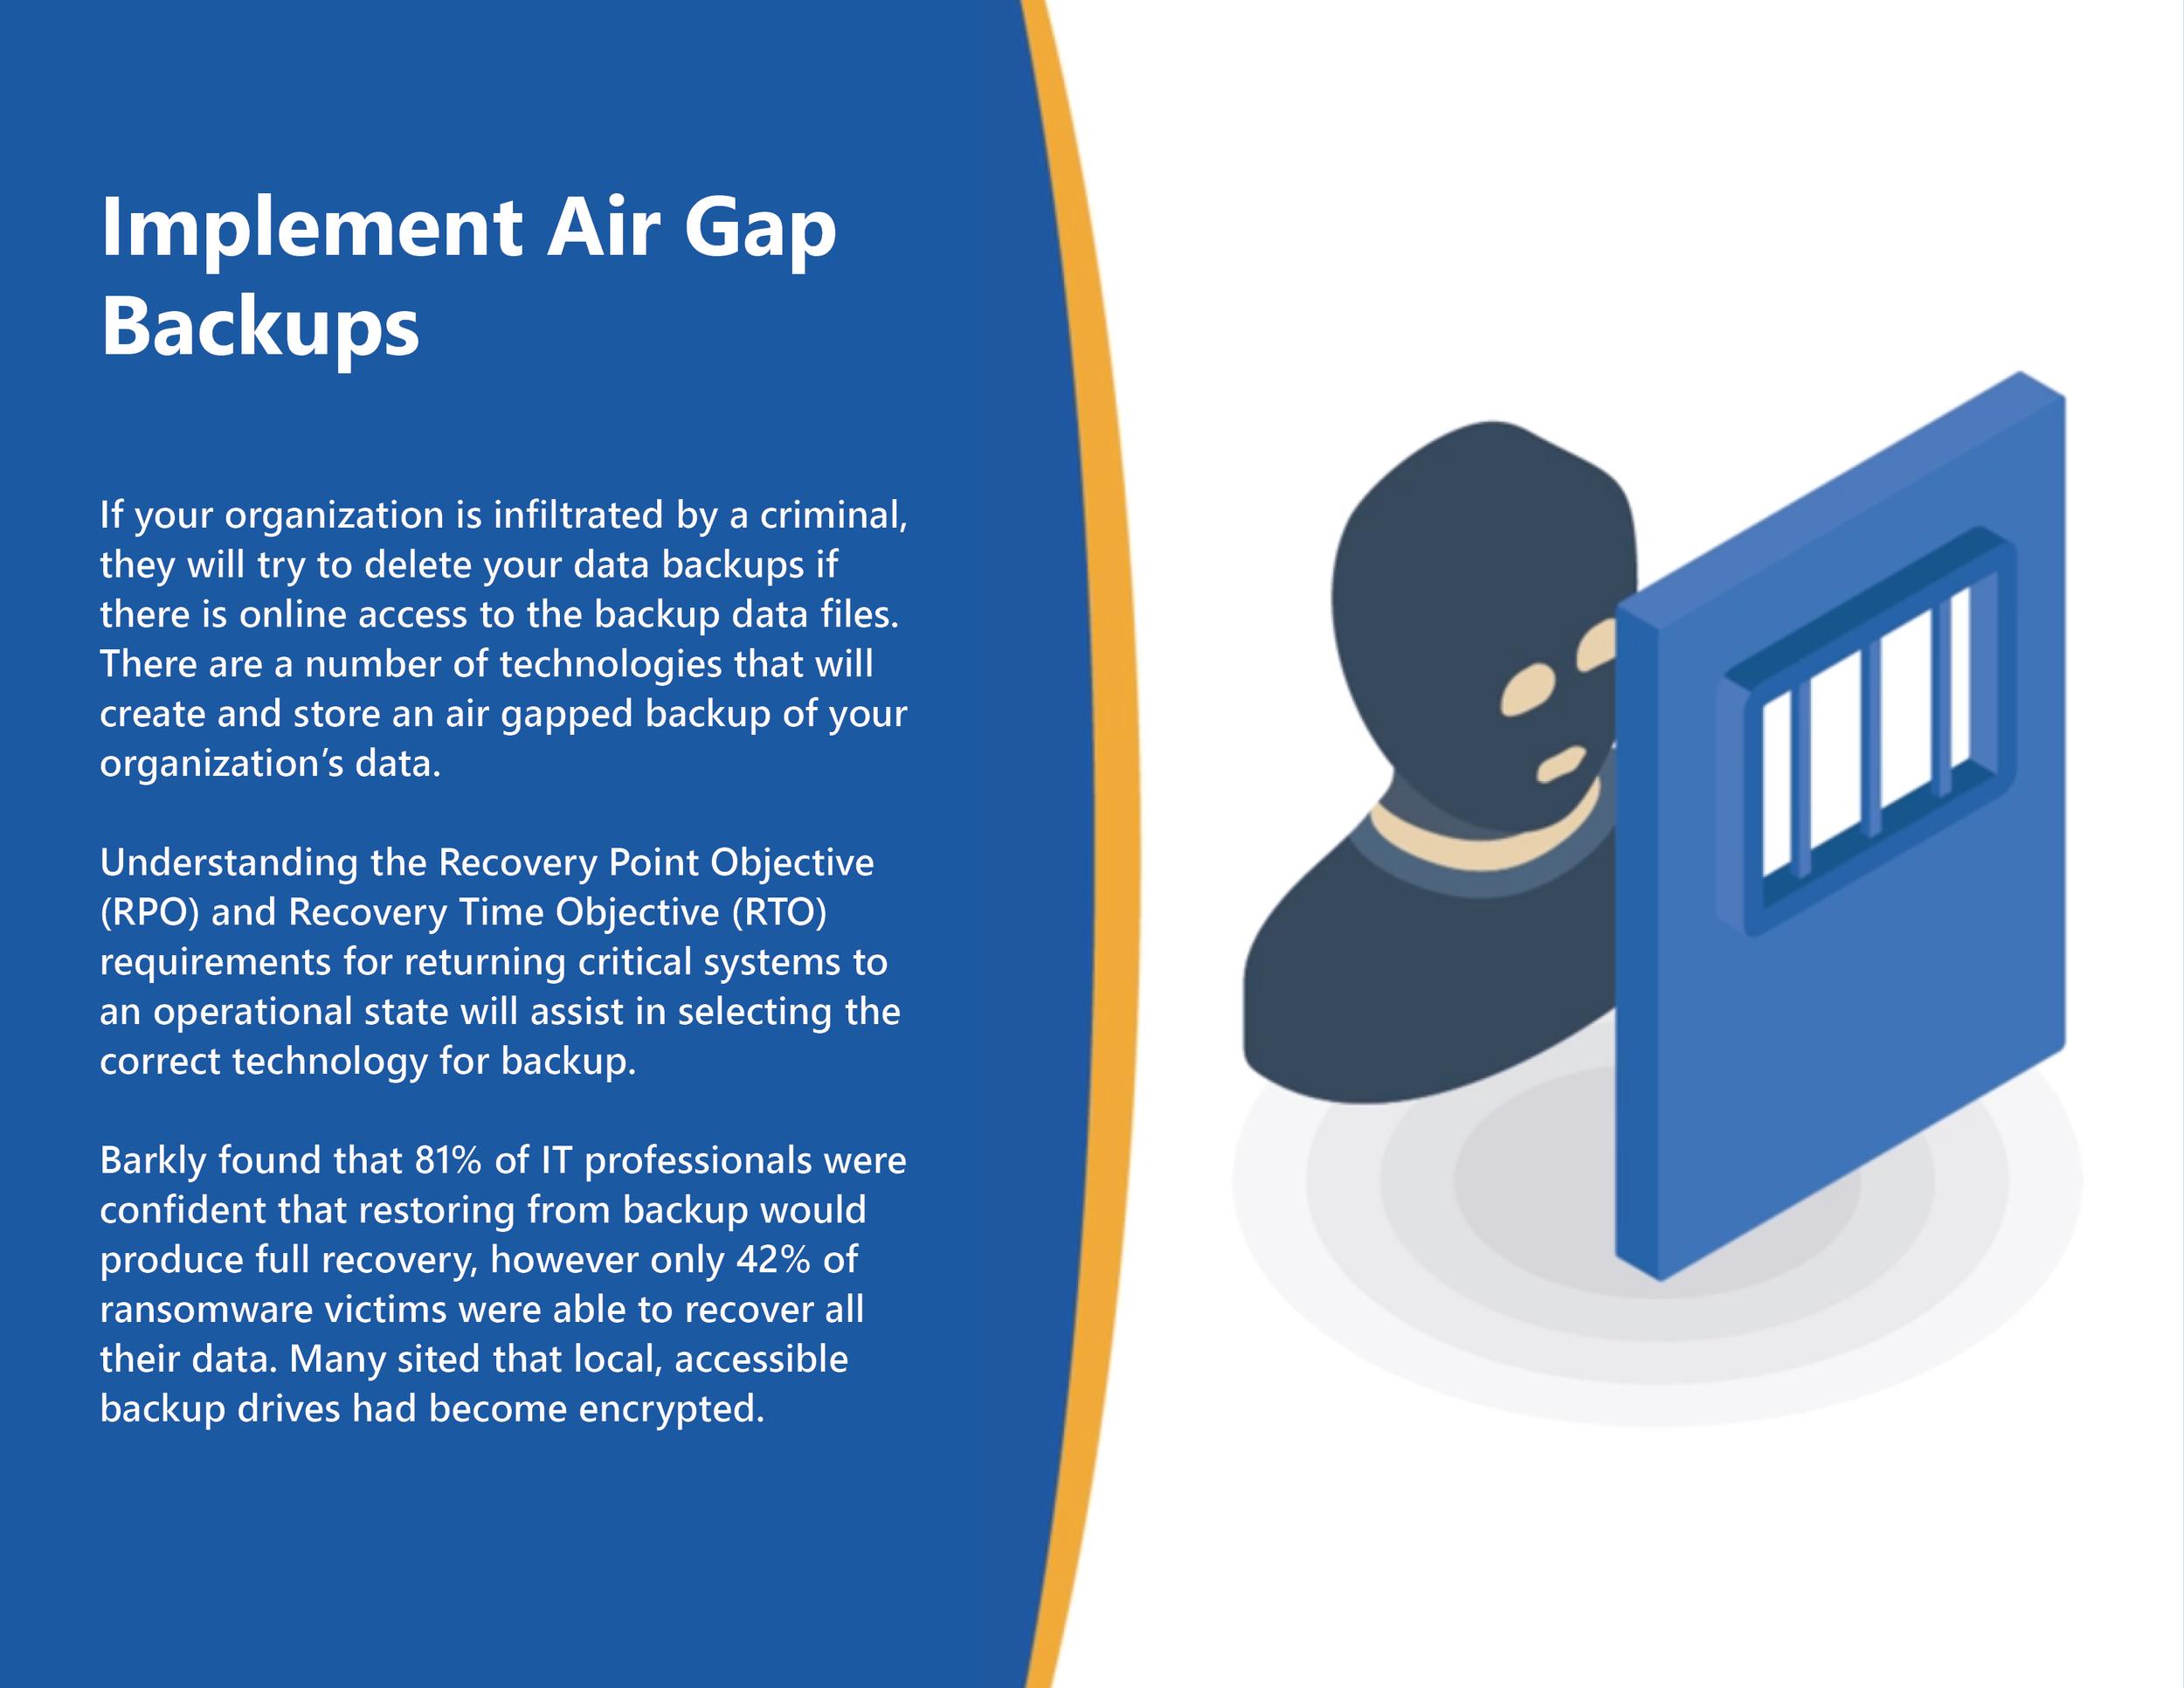 Implement Air Gap Backups